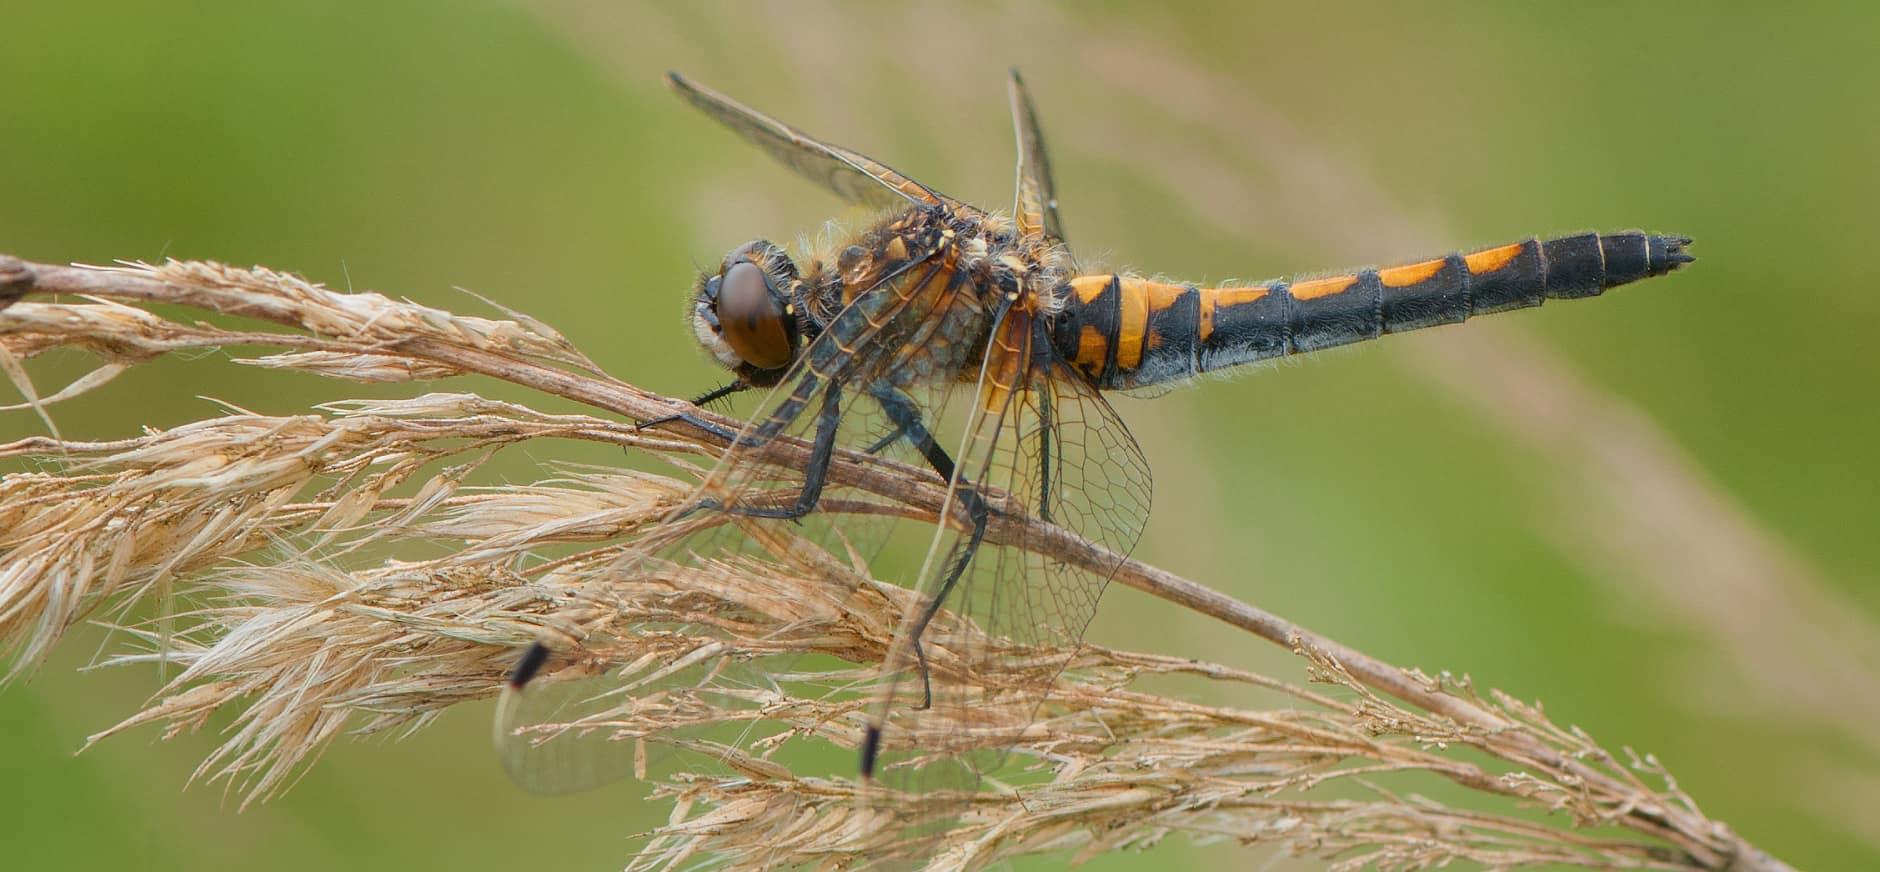 Zeldzame libellen ontdekt op nieuwe plekken in Flevoland